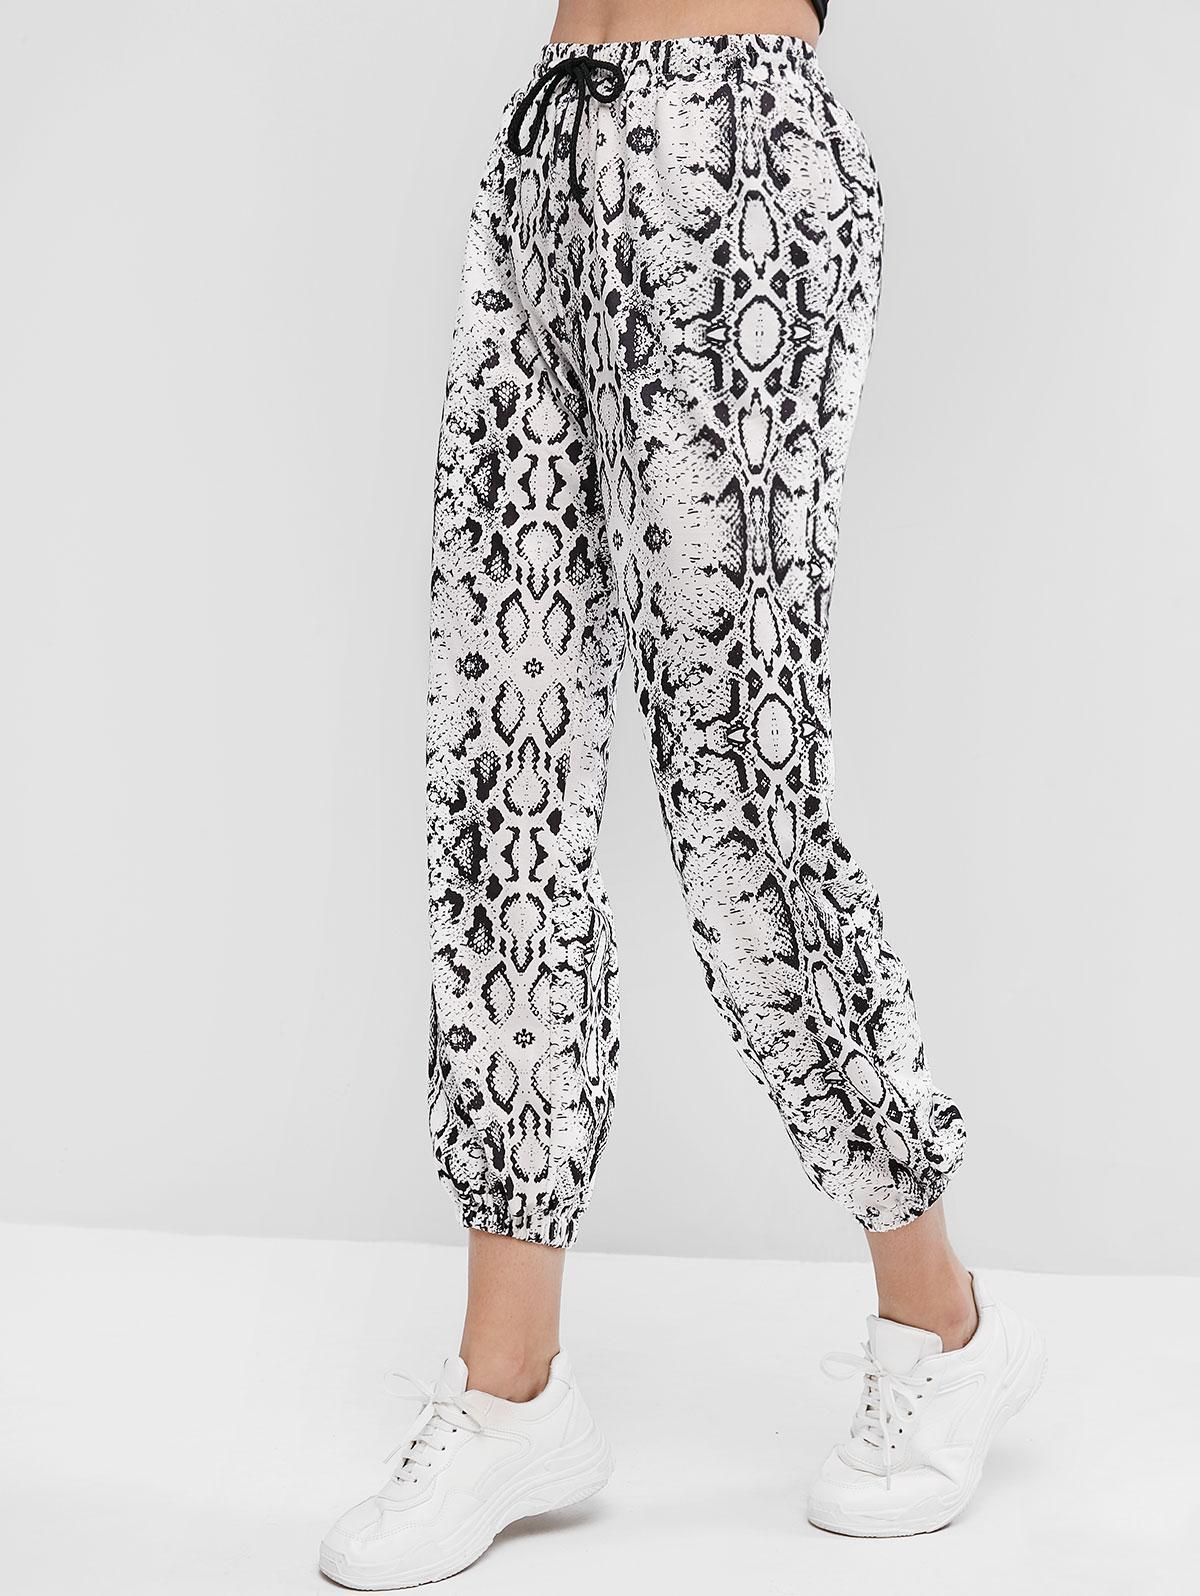 Drawstring Pockets Snakeskin Print Jogger Pants фото